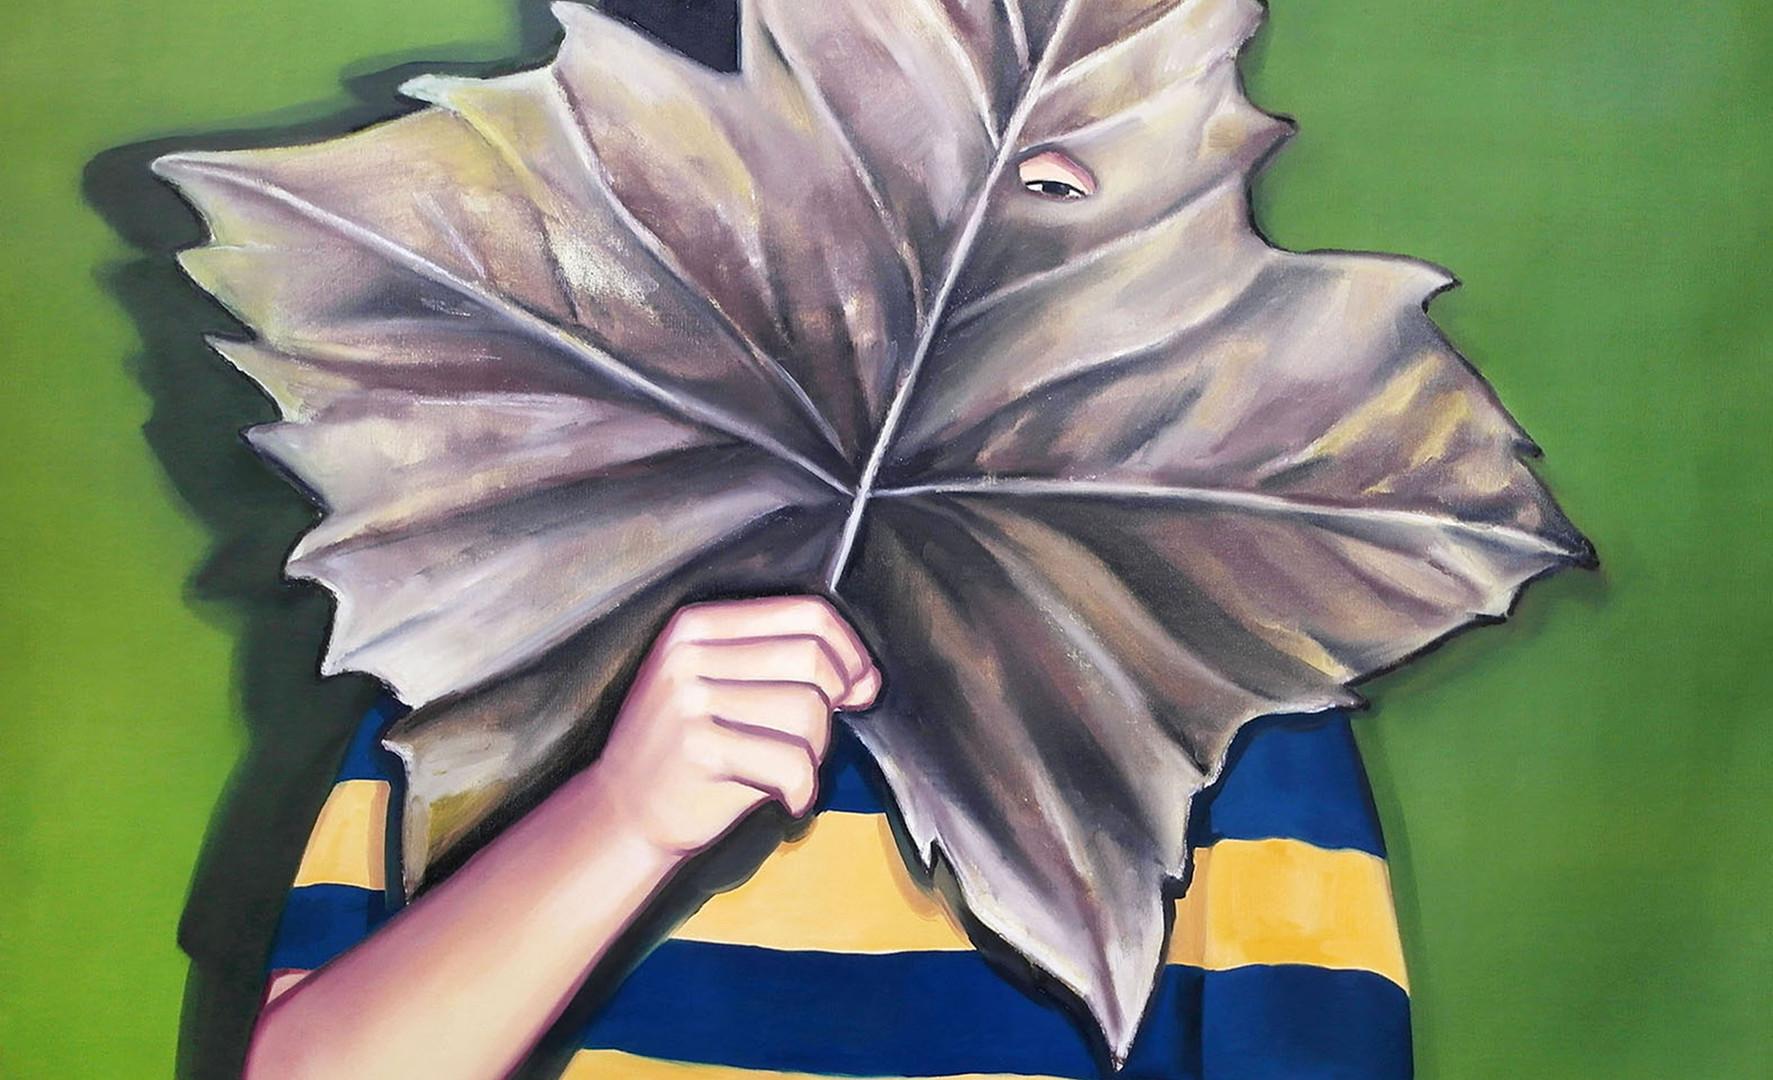 나뭇잎 가면_2(Leaf mask_2), oil&oilpastel on canvas, 91x91cm, 2018